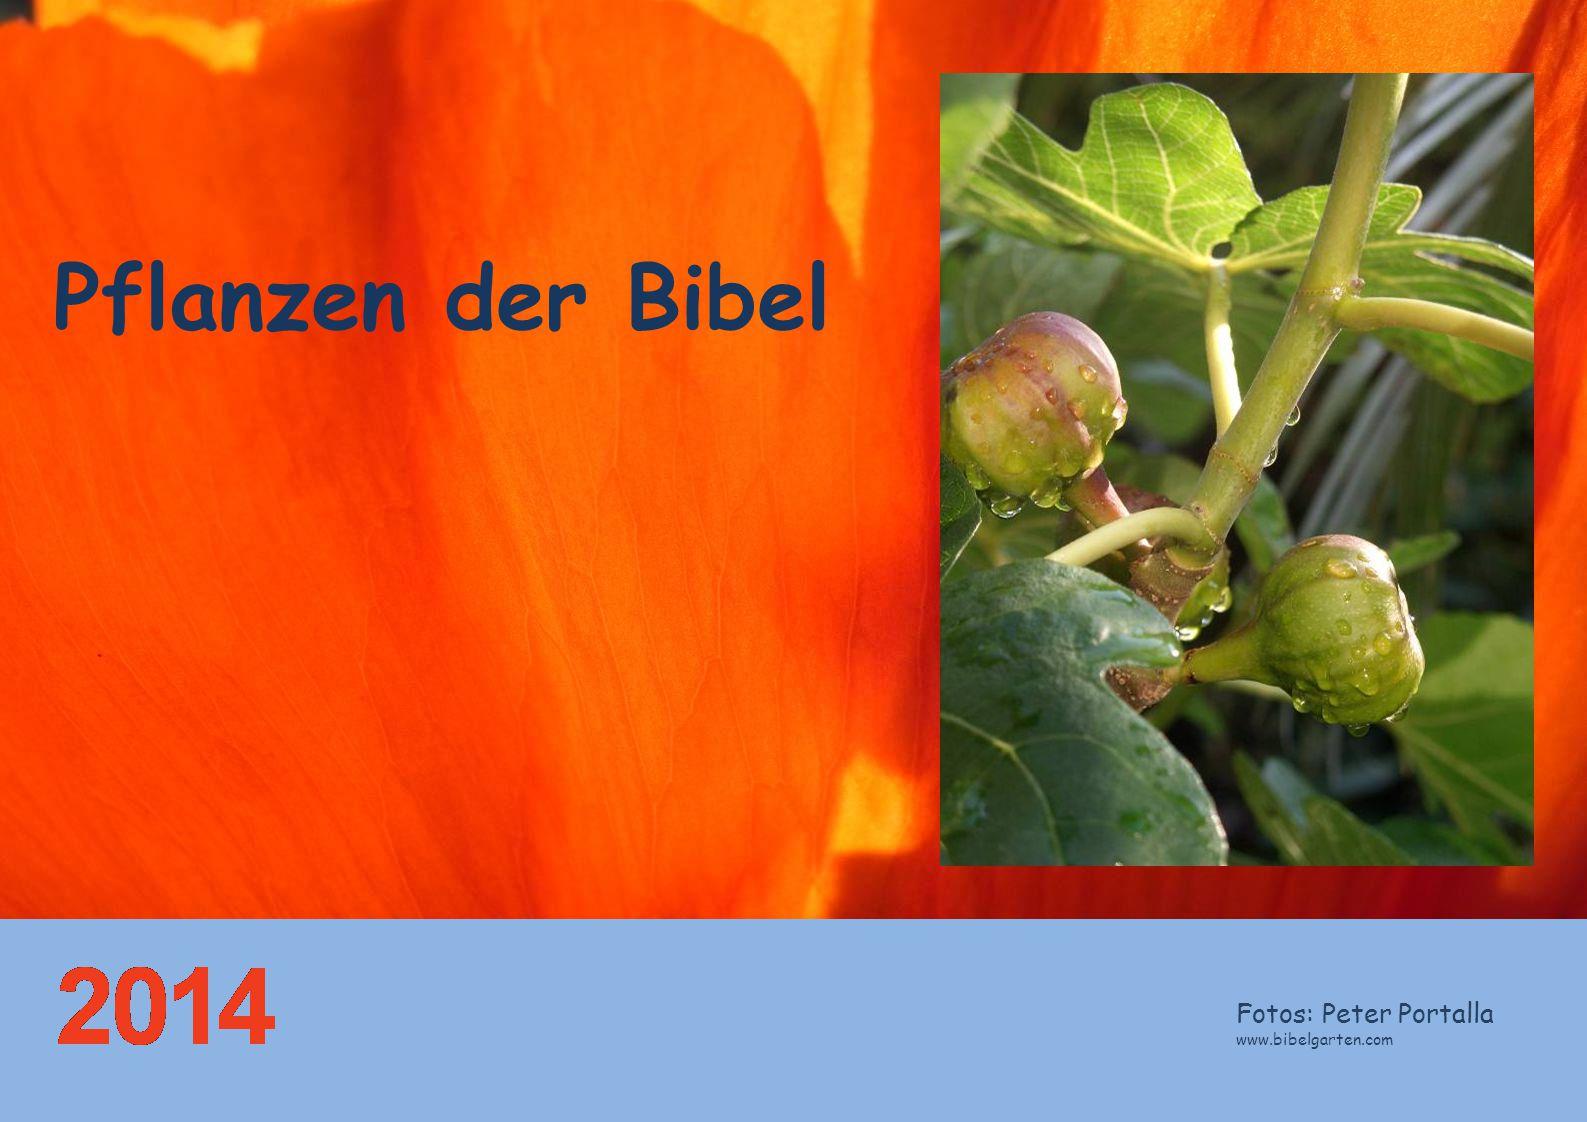 Pflanzen der Bibel Fotos: Peter Portalla www.bibelgarten.com